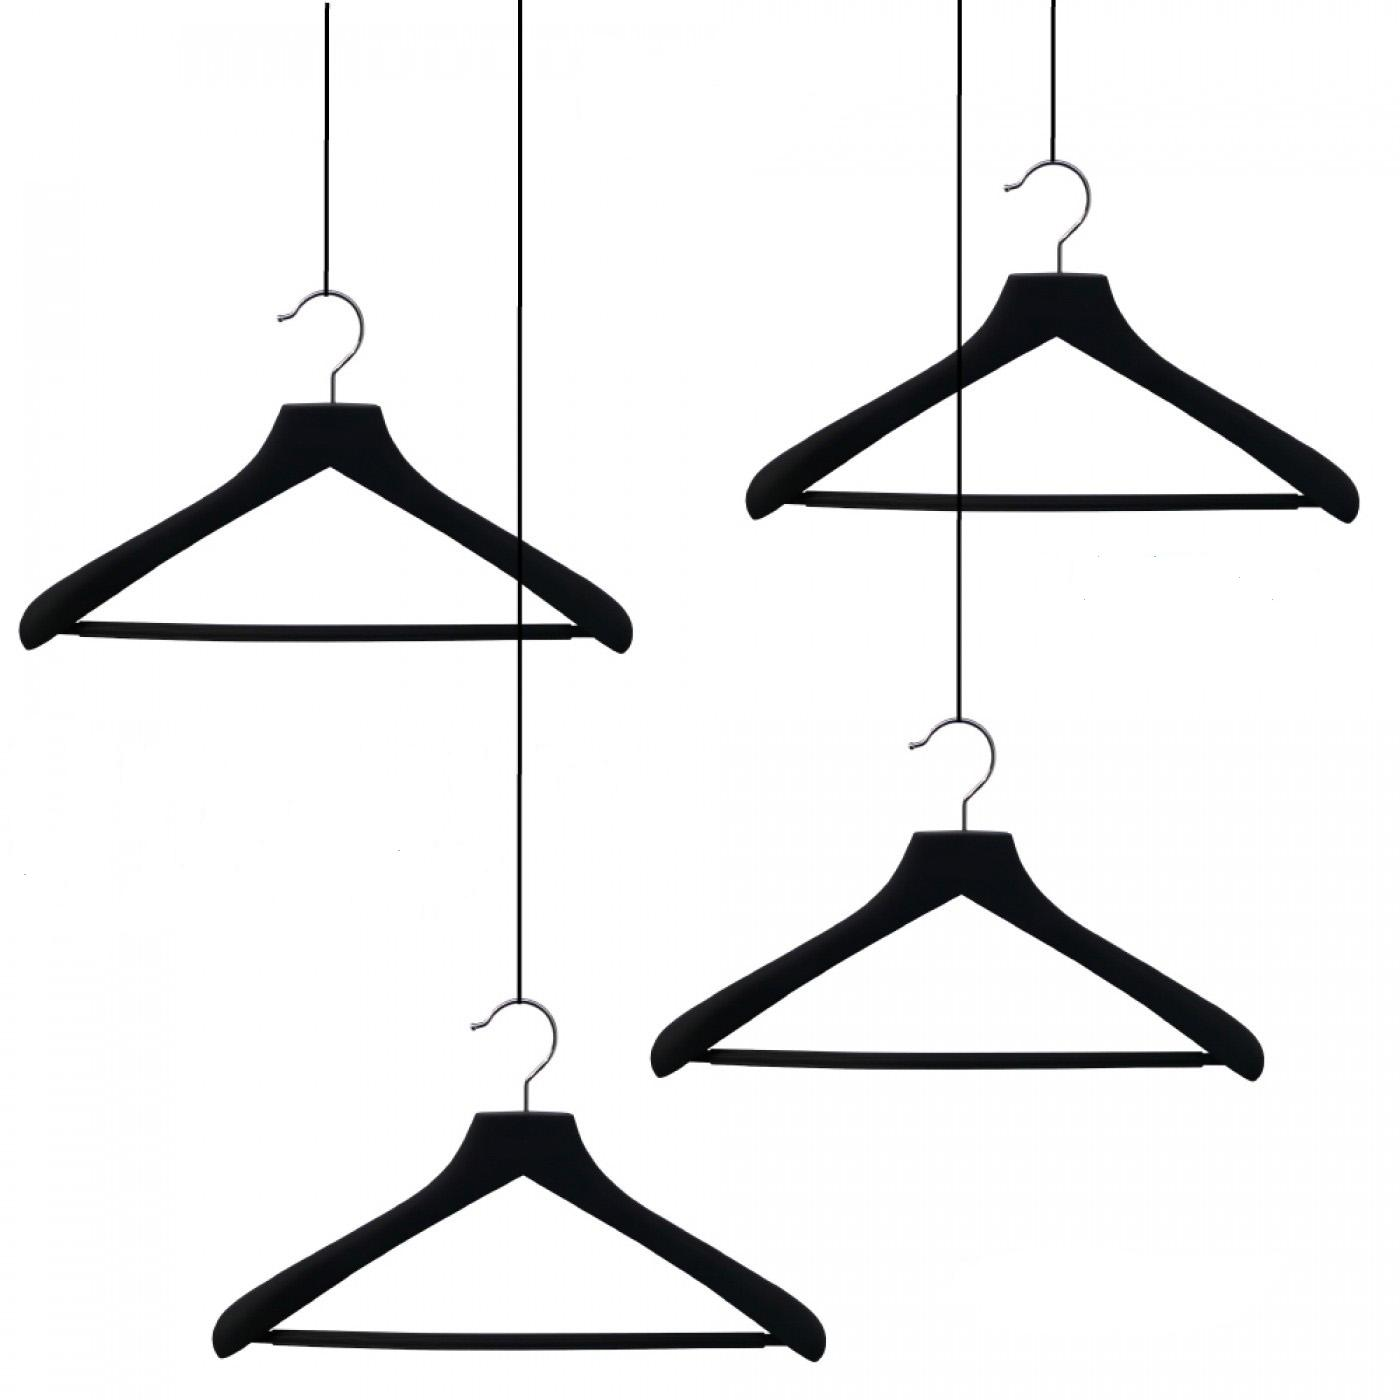 les as du placard great prsentation de la collection with. Black Bedroom Furniture Sets. Home Design Ideas